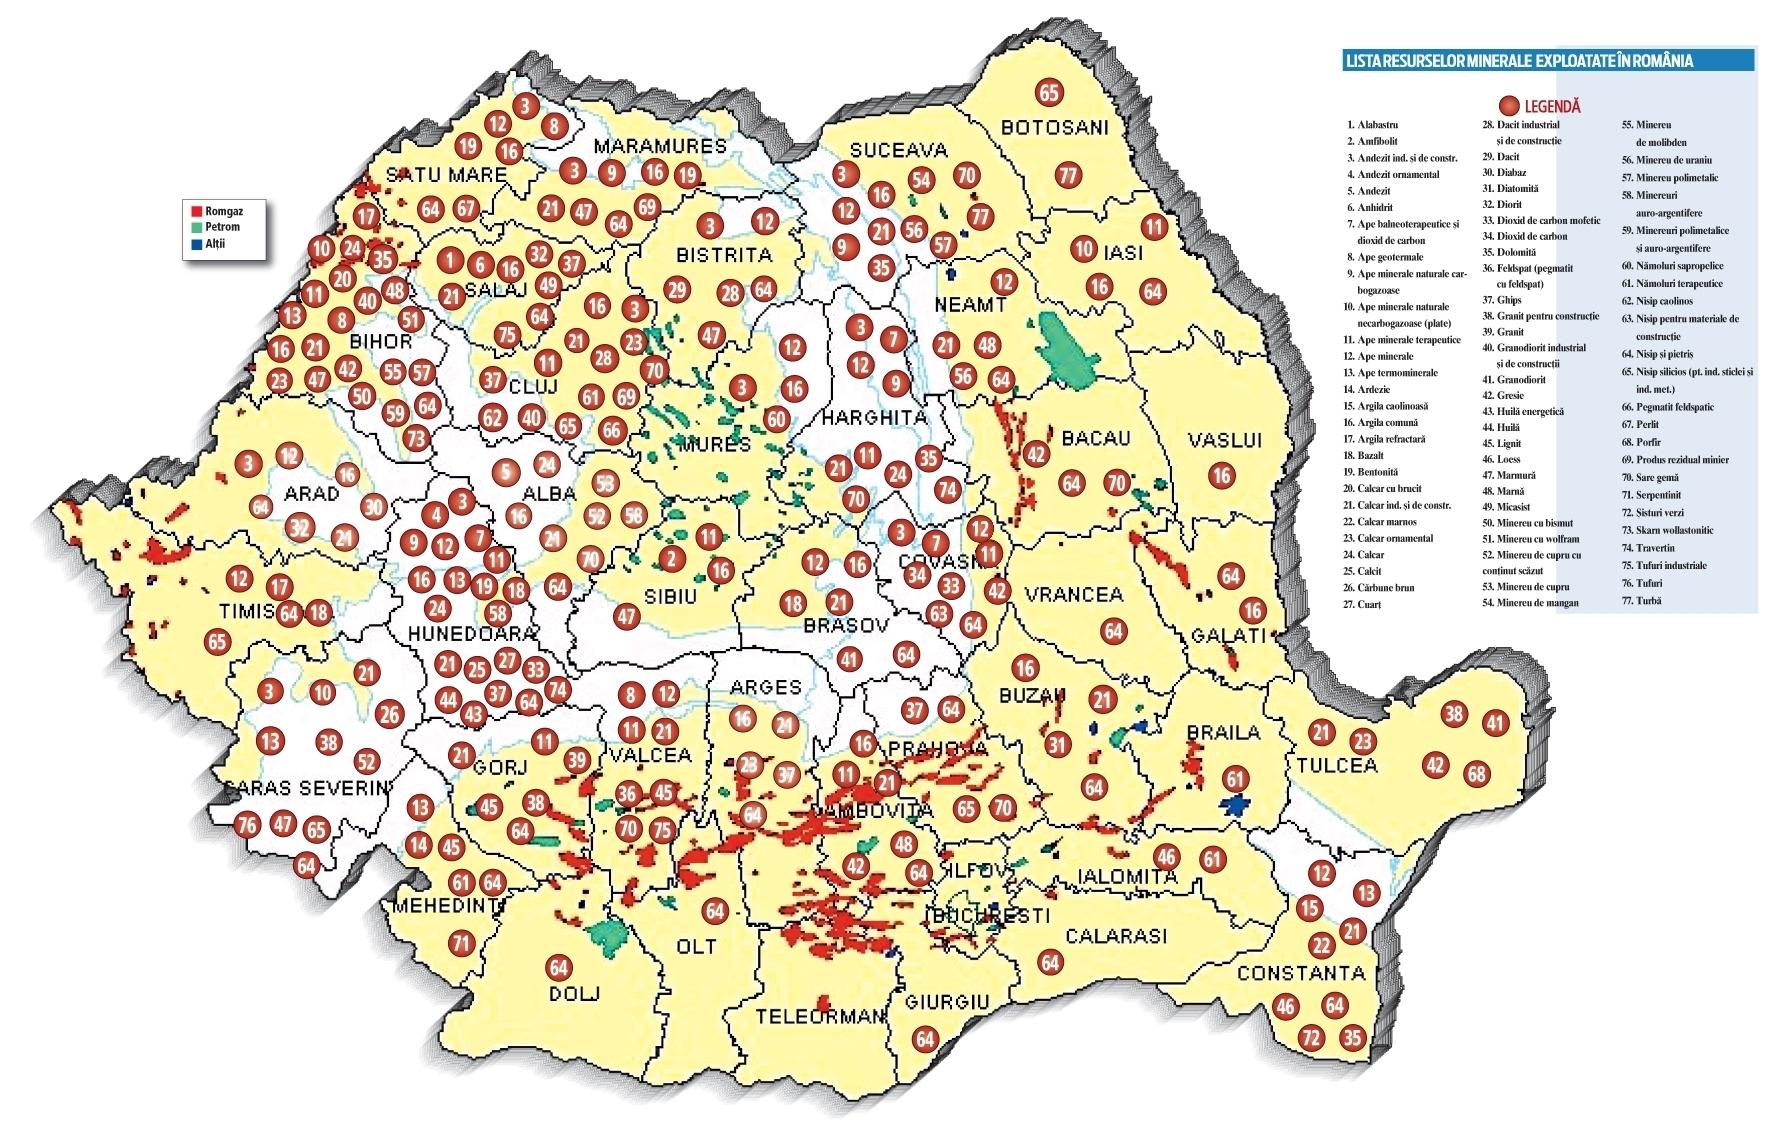 Aceasta Este Harta Pe Care Se Bat Rusii Pentru Zăcămintele Din